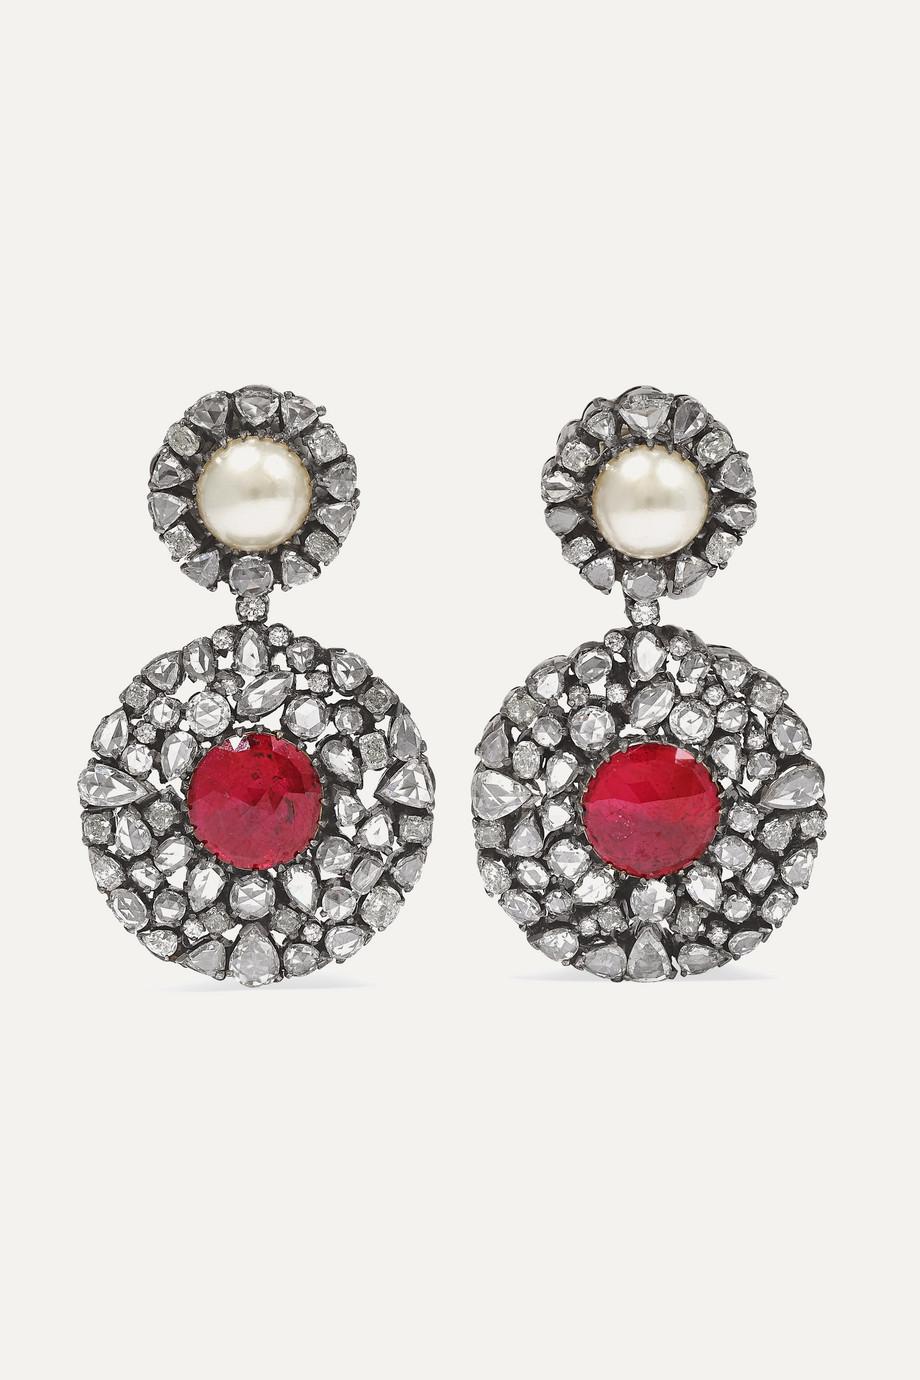 Amrapali Boucles d'oreilles en plaqué rhodium et pierres multiples